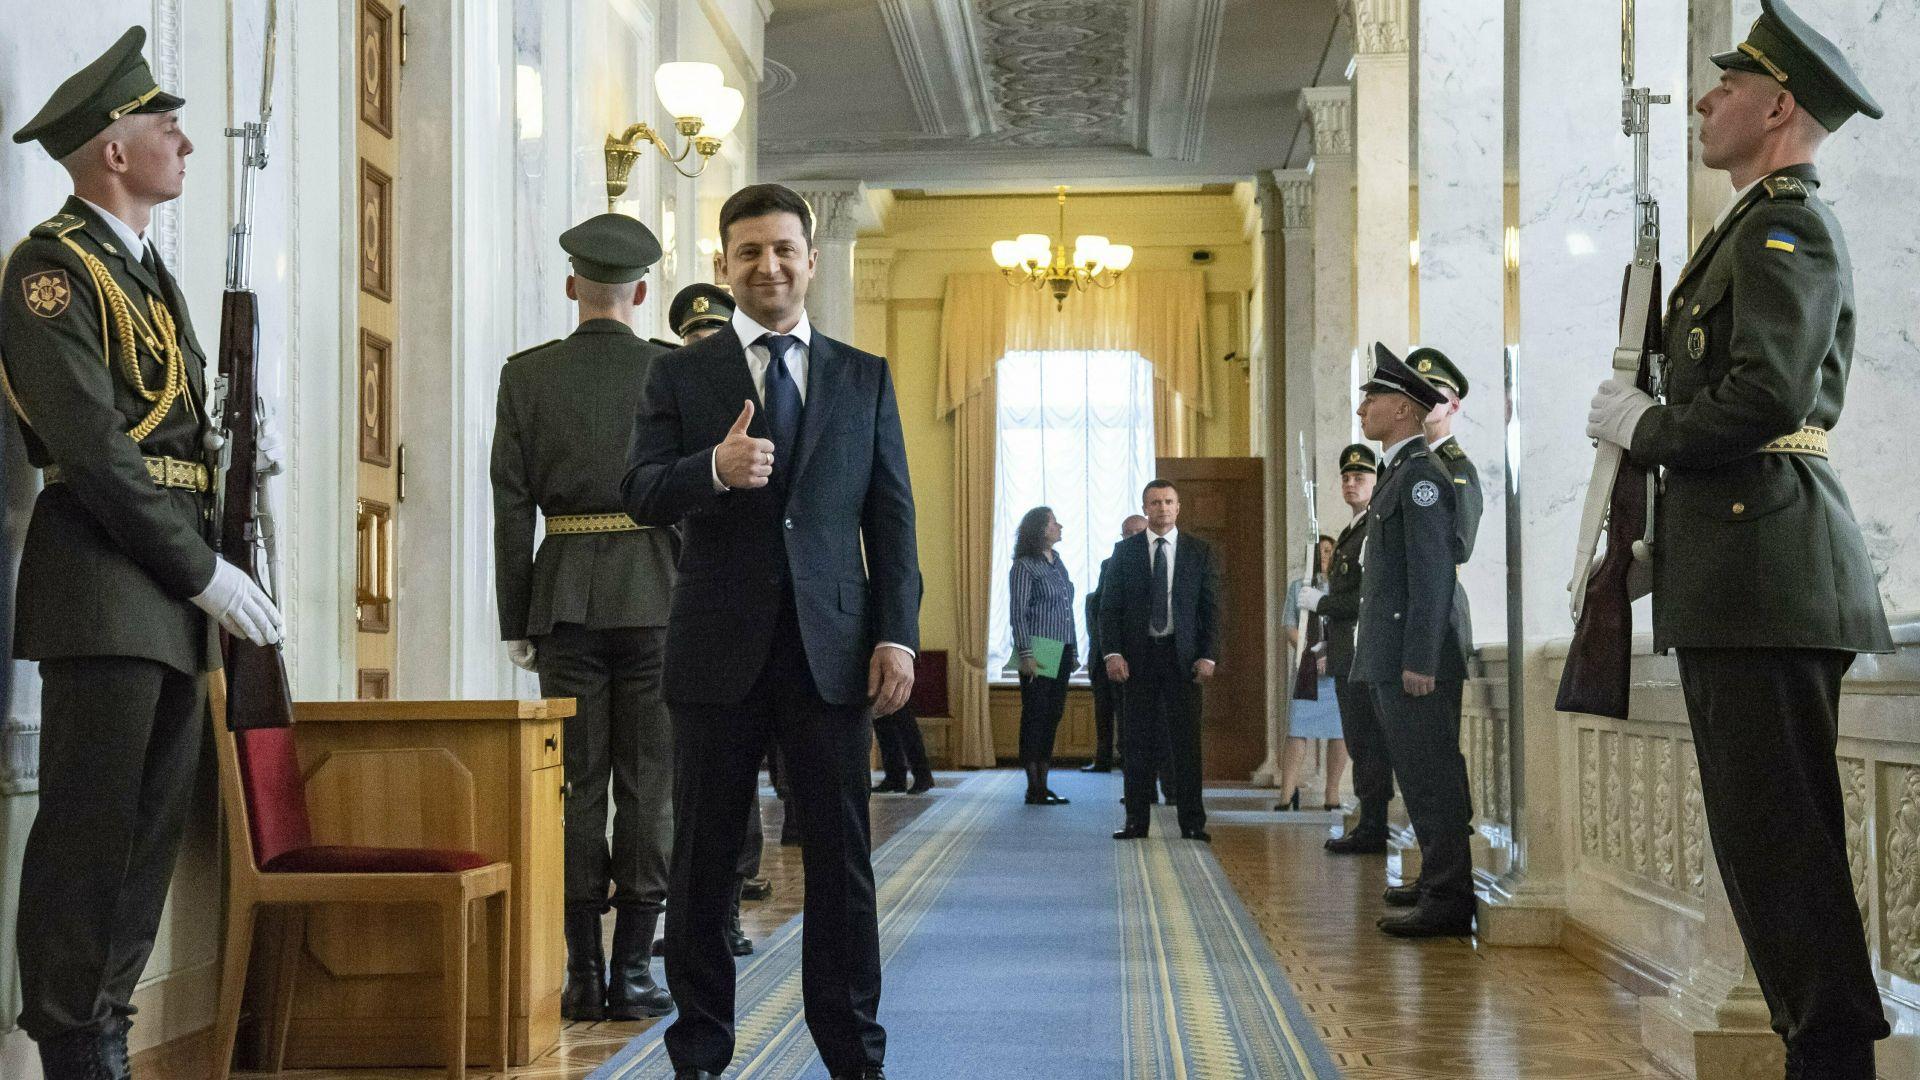 Ден след като новият президент на Украйна Володимир Зеленски встъпи